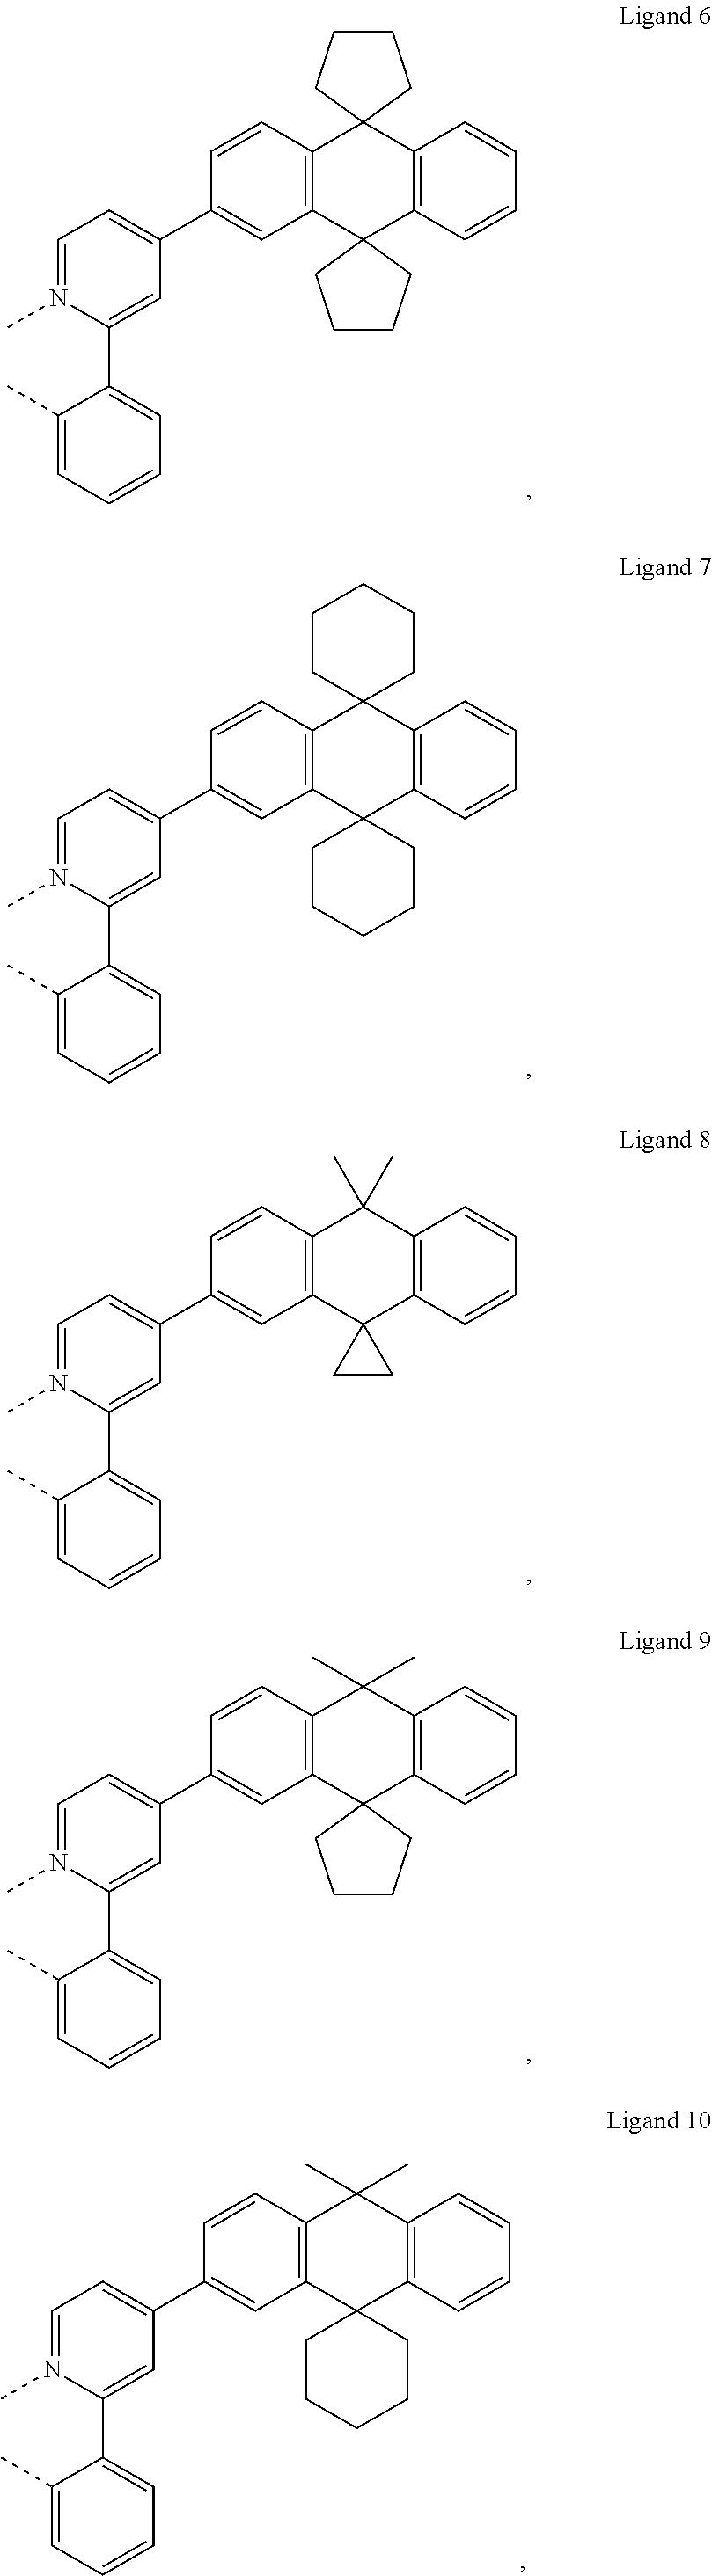 Figure US20180130962A1-20180510-C00229